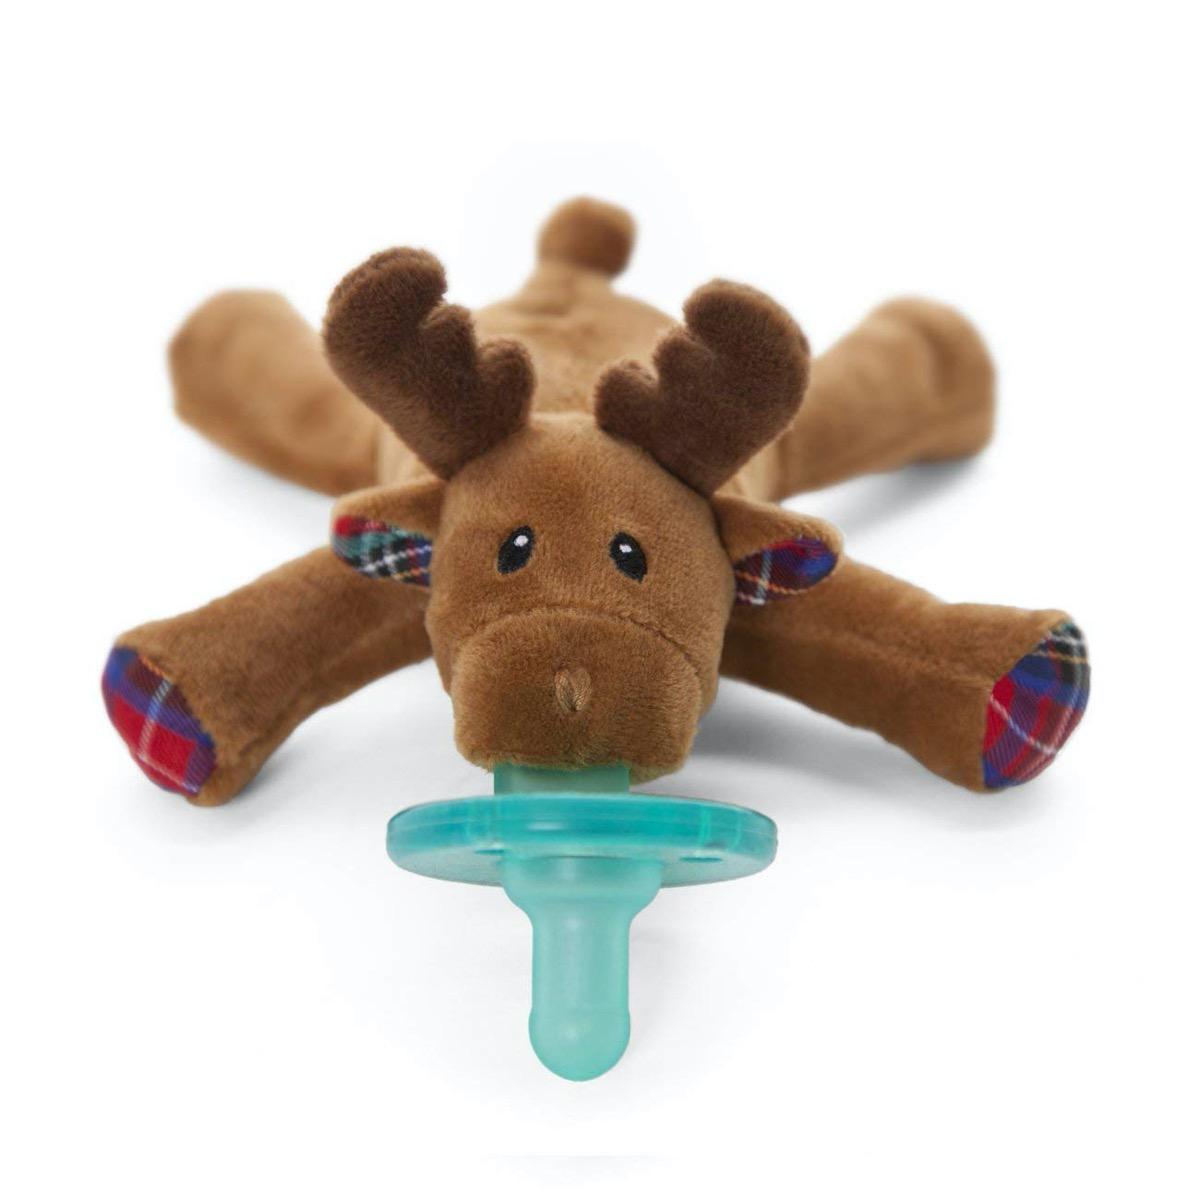 reindeer toy pacifier